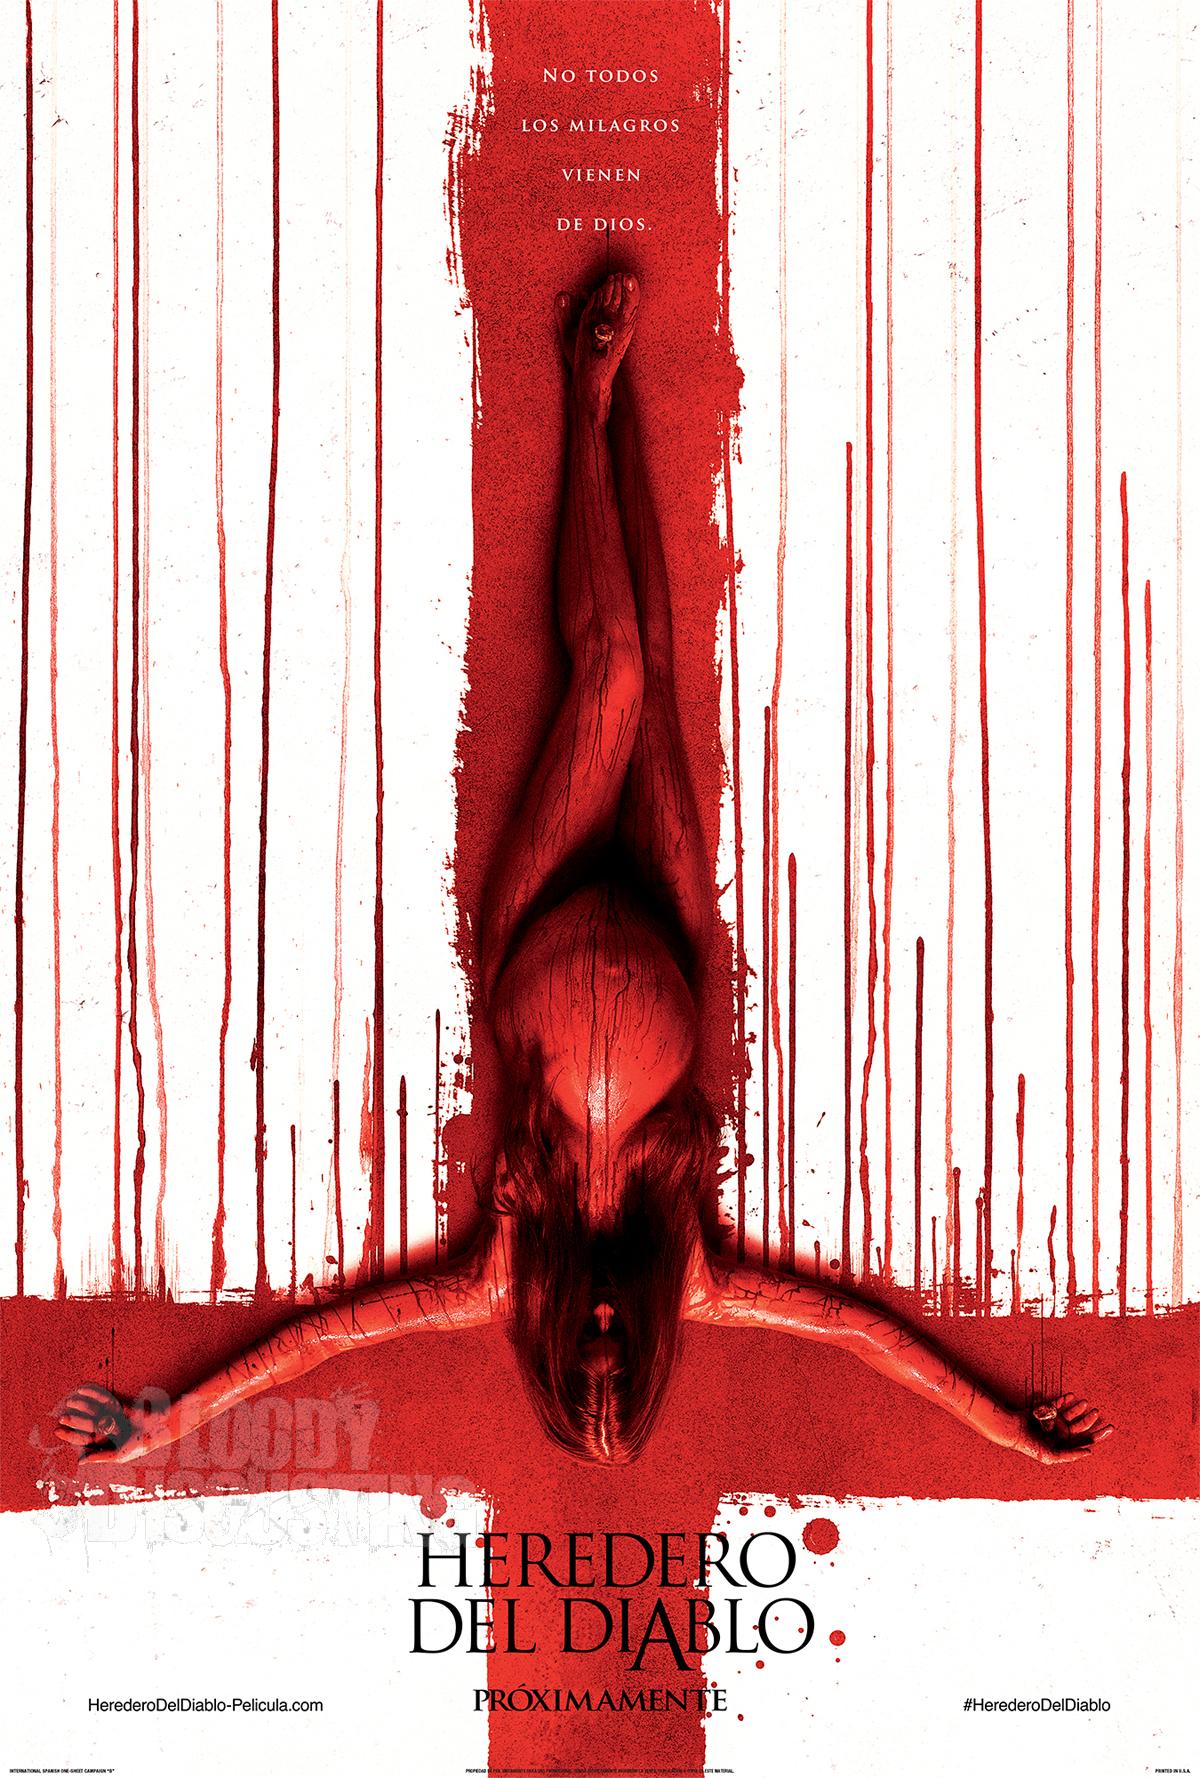 devils-due-international-watermarked.jpg (1200×1778)